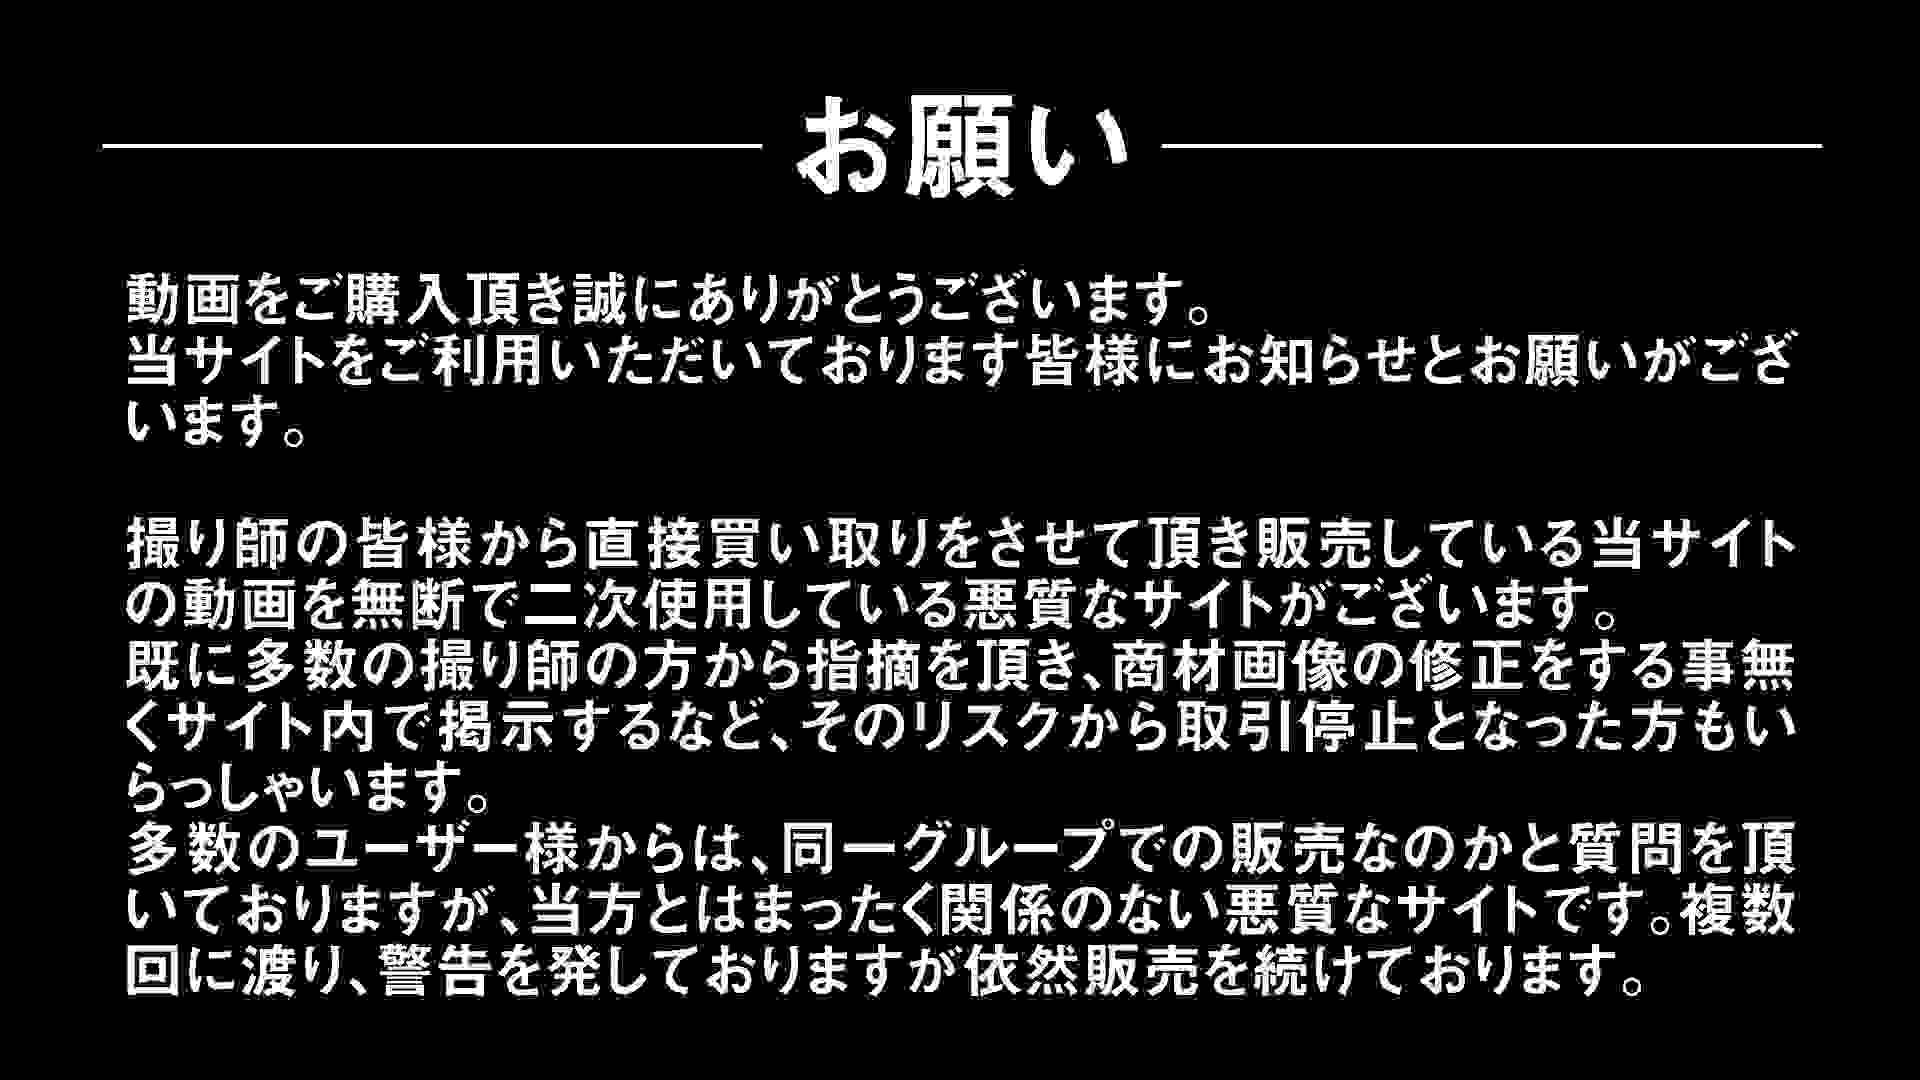 Aquaな露天風呂Vol.301 OLハメ撮り  41Pix 2